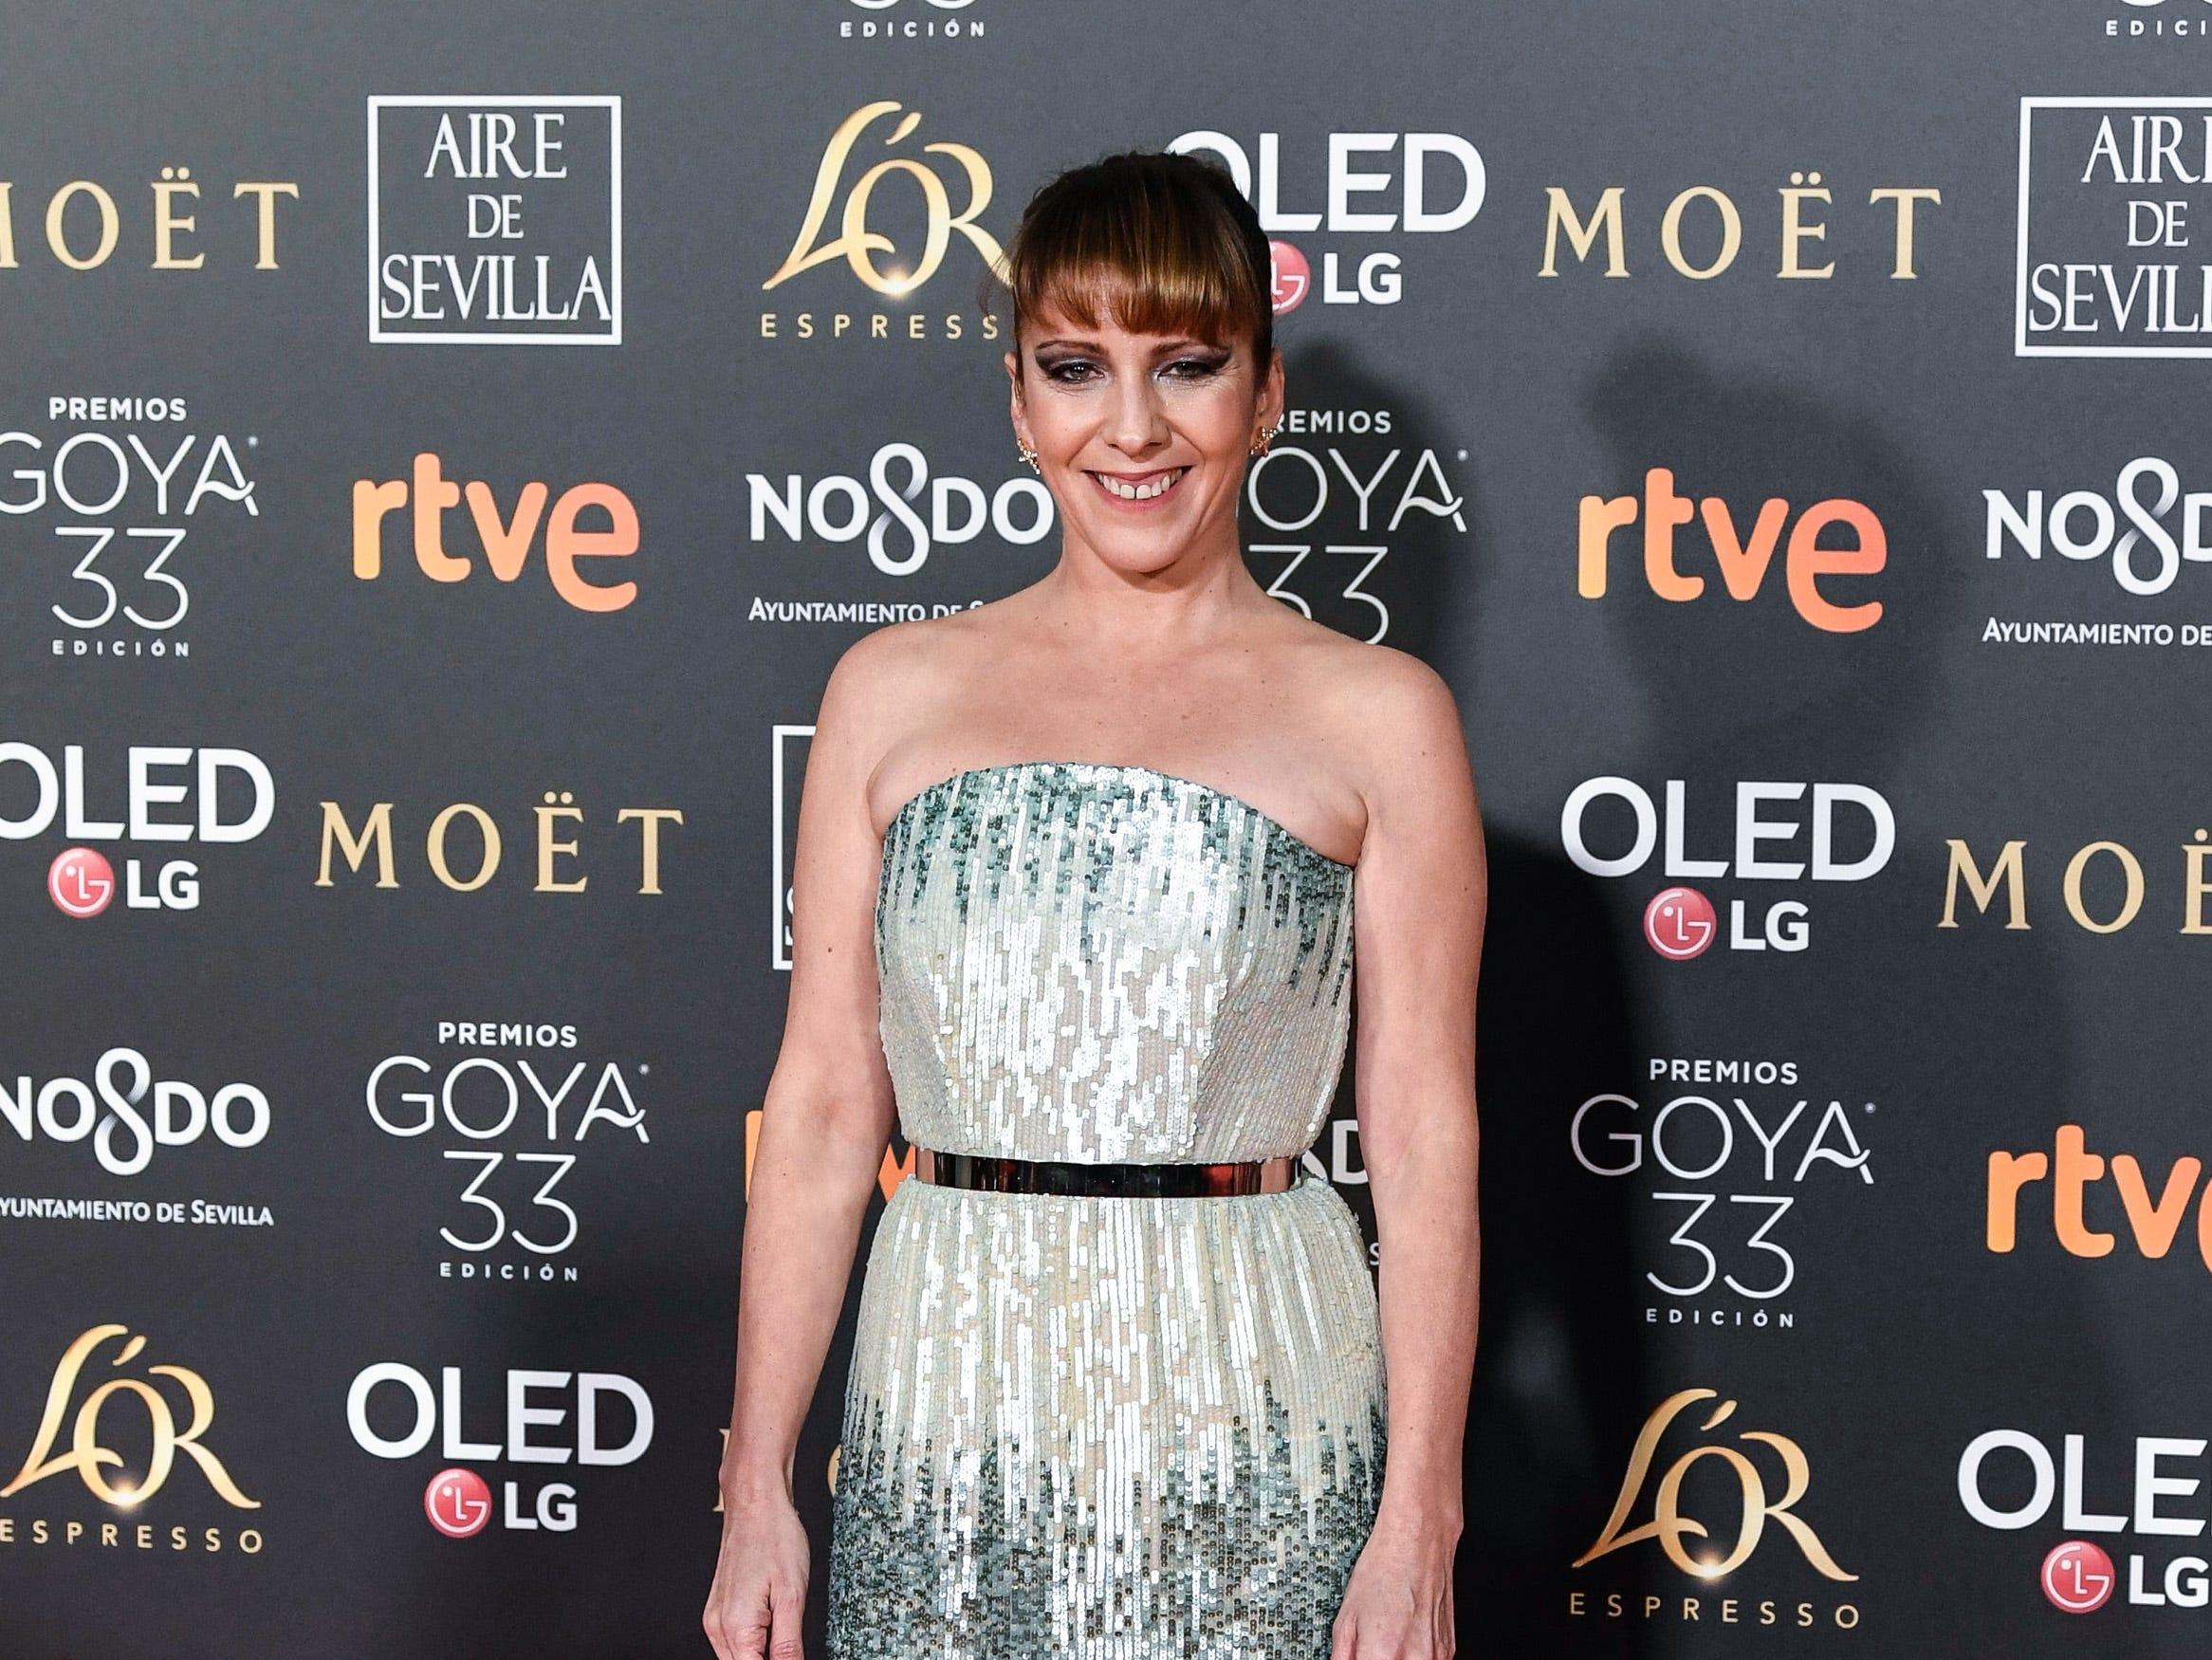 Eva Llorach asiste a la 33ª edición de los Premios de Cine Goya en el Palacio de Congresos y Exposiciones FIBES el 2 de febrero de 2019 en Sevilla, España.